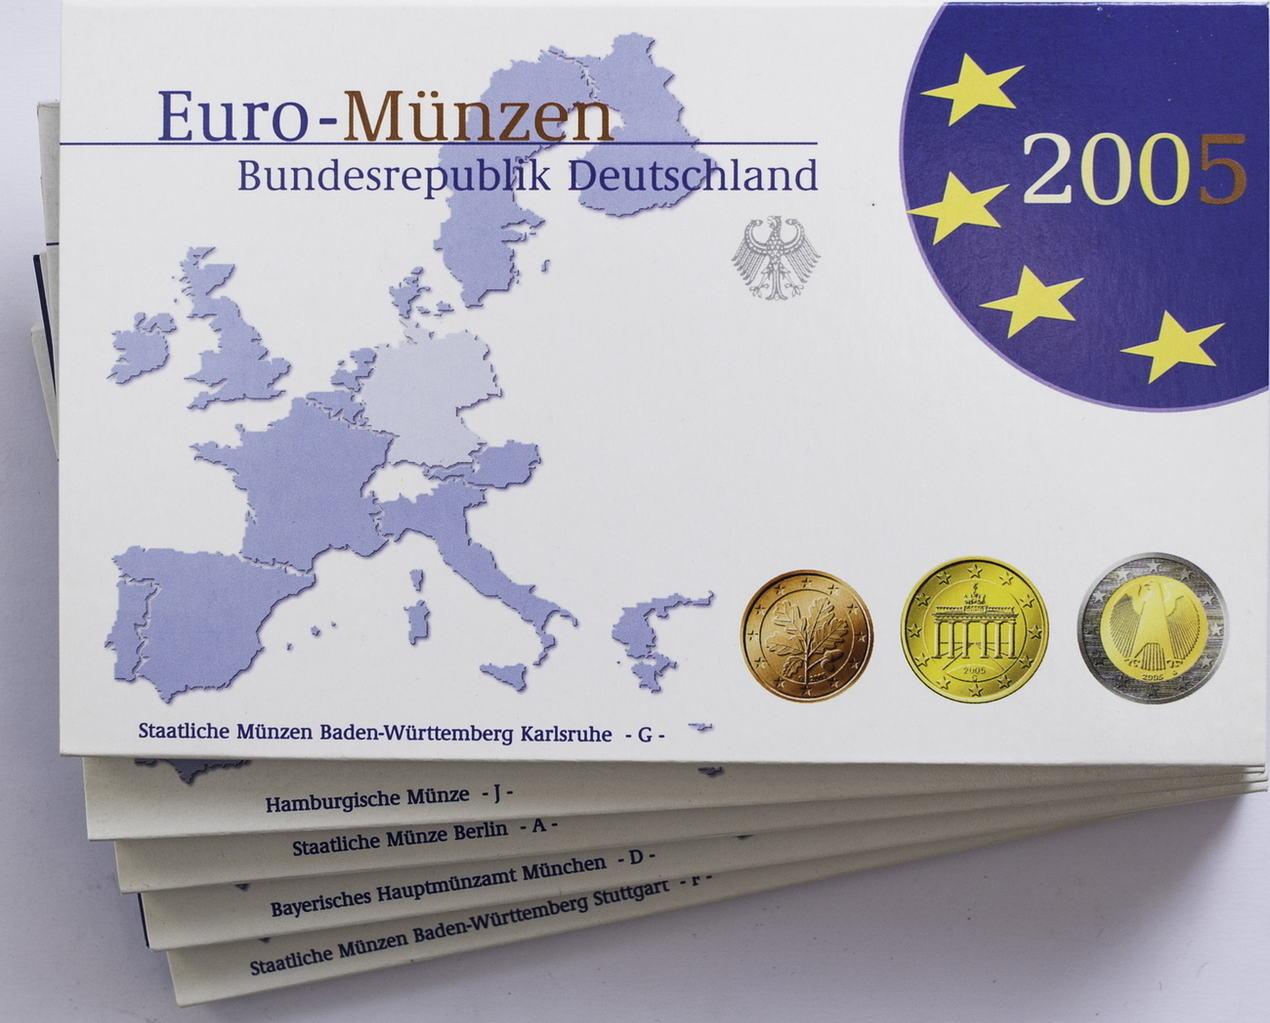 2005 Deutschland Bundesrepublik Kms Adfgj Pp Ma Shops